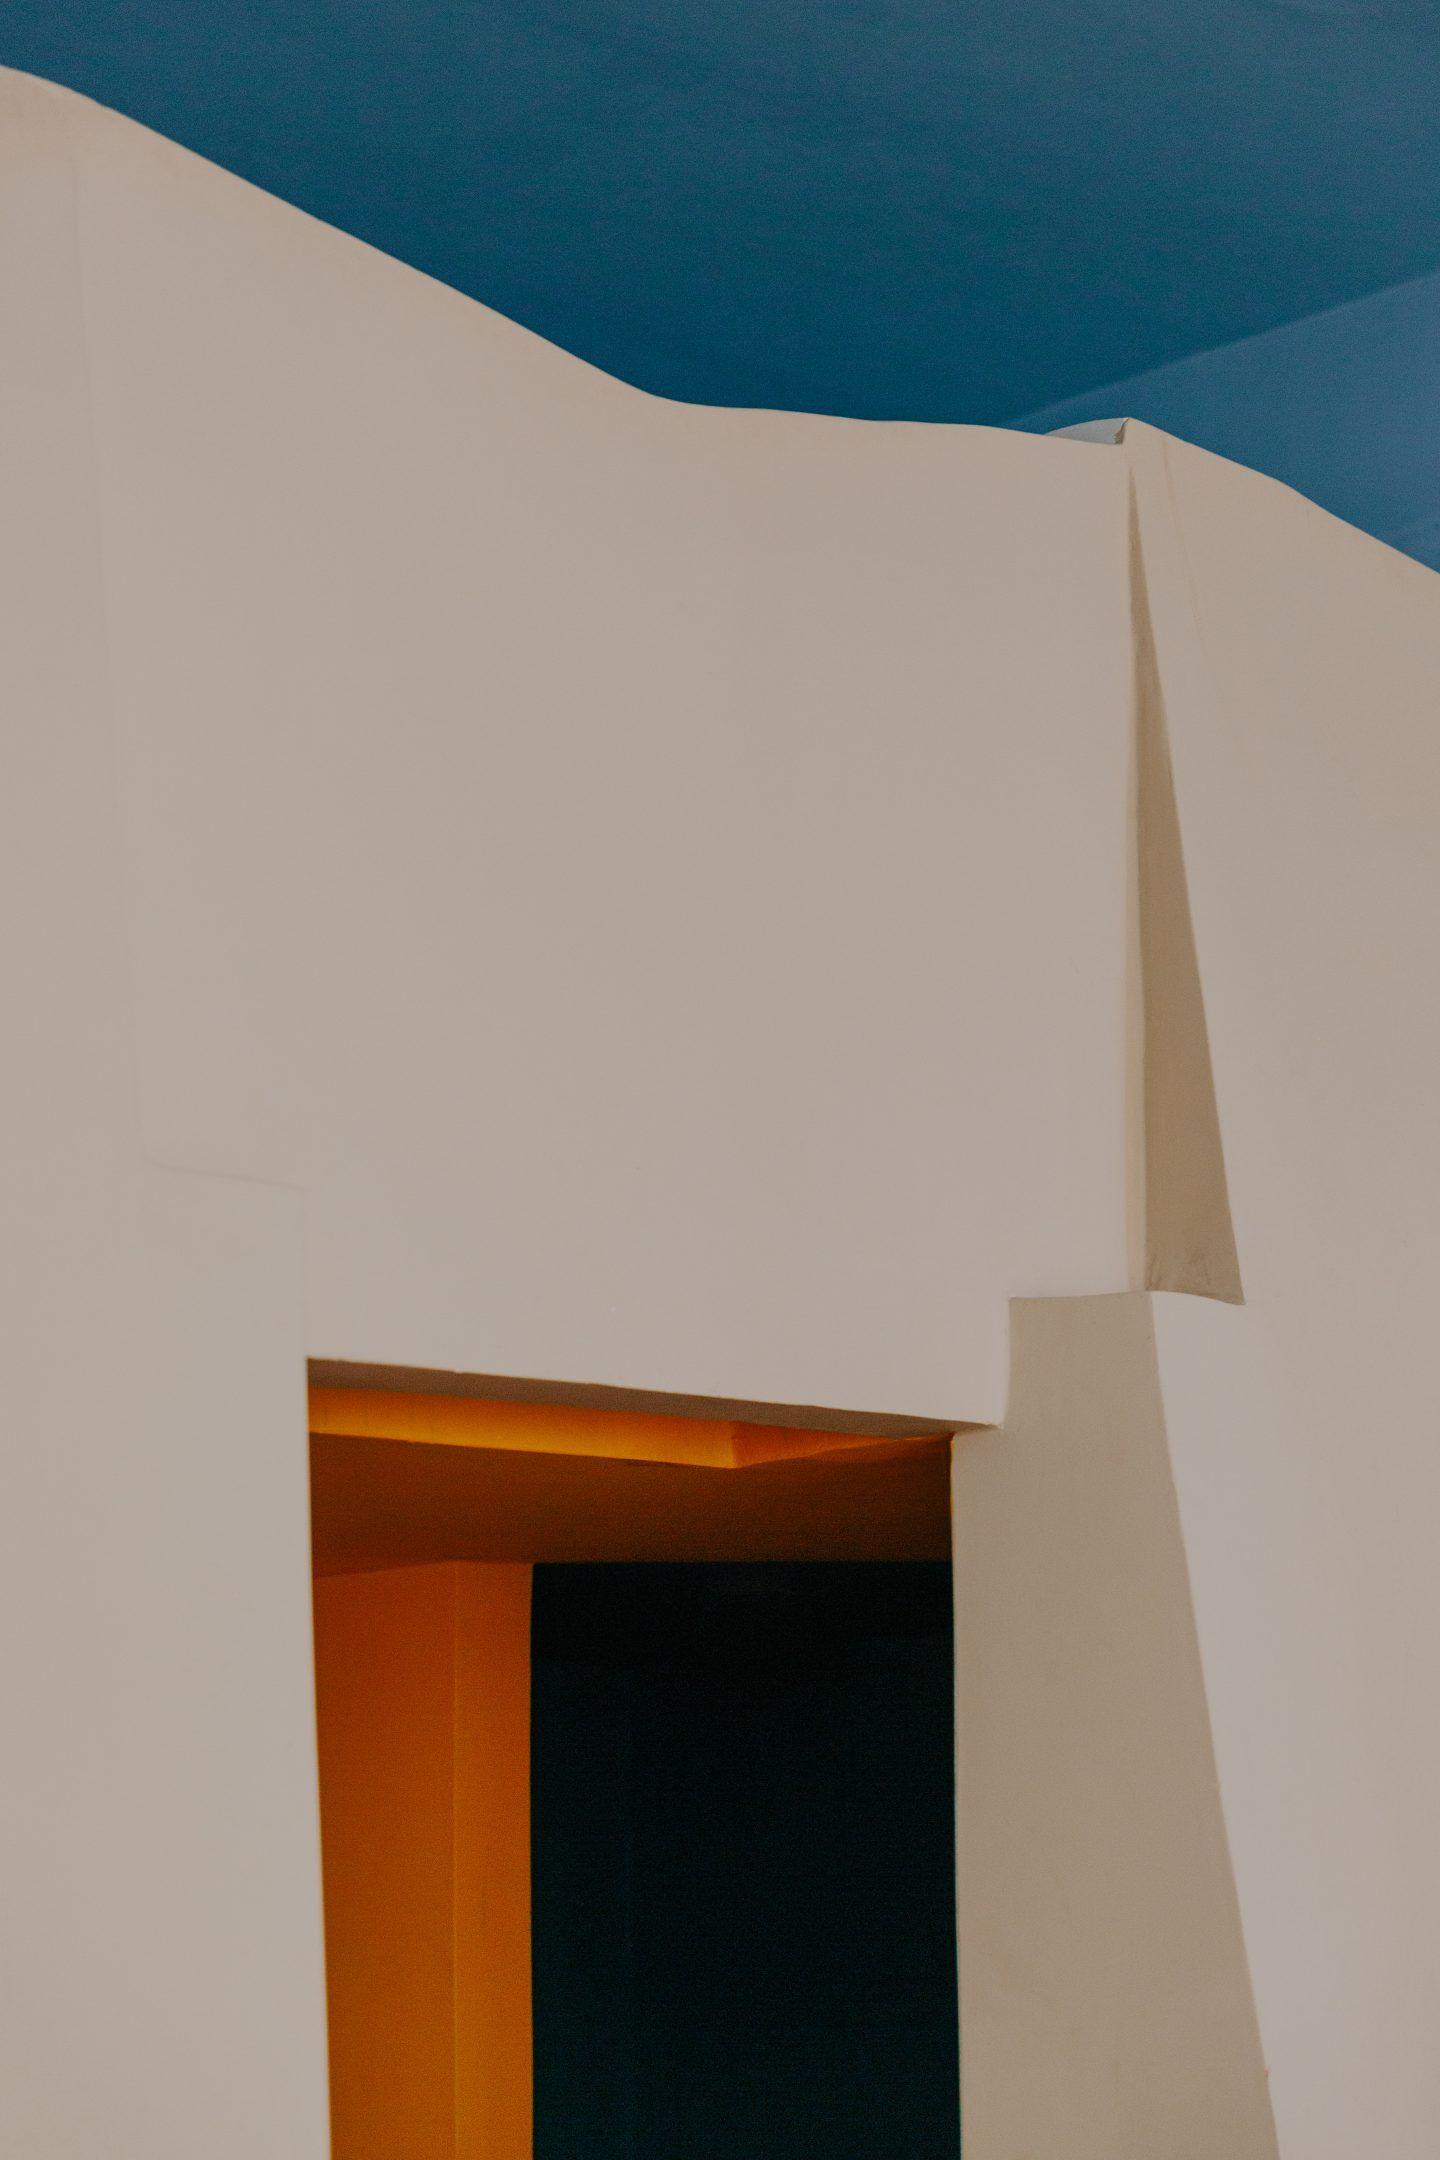 IGNANT-Architecture-Dar-Hi-MarinaDenisova-32